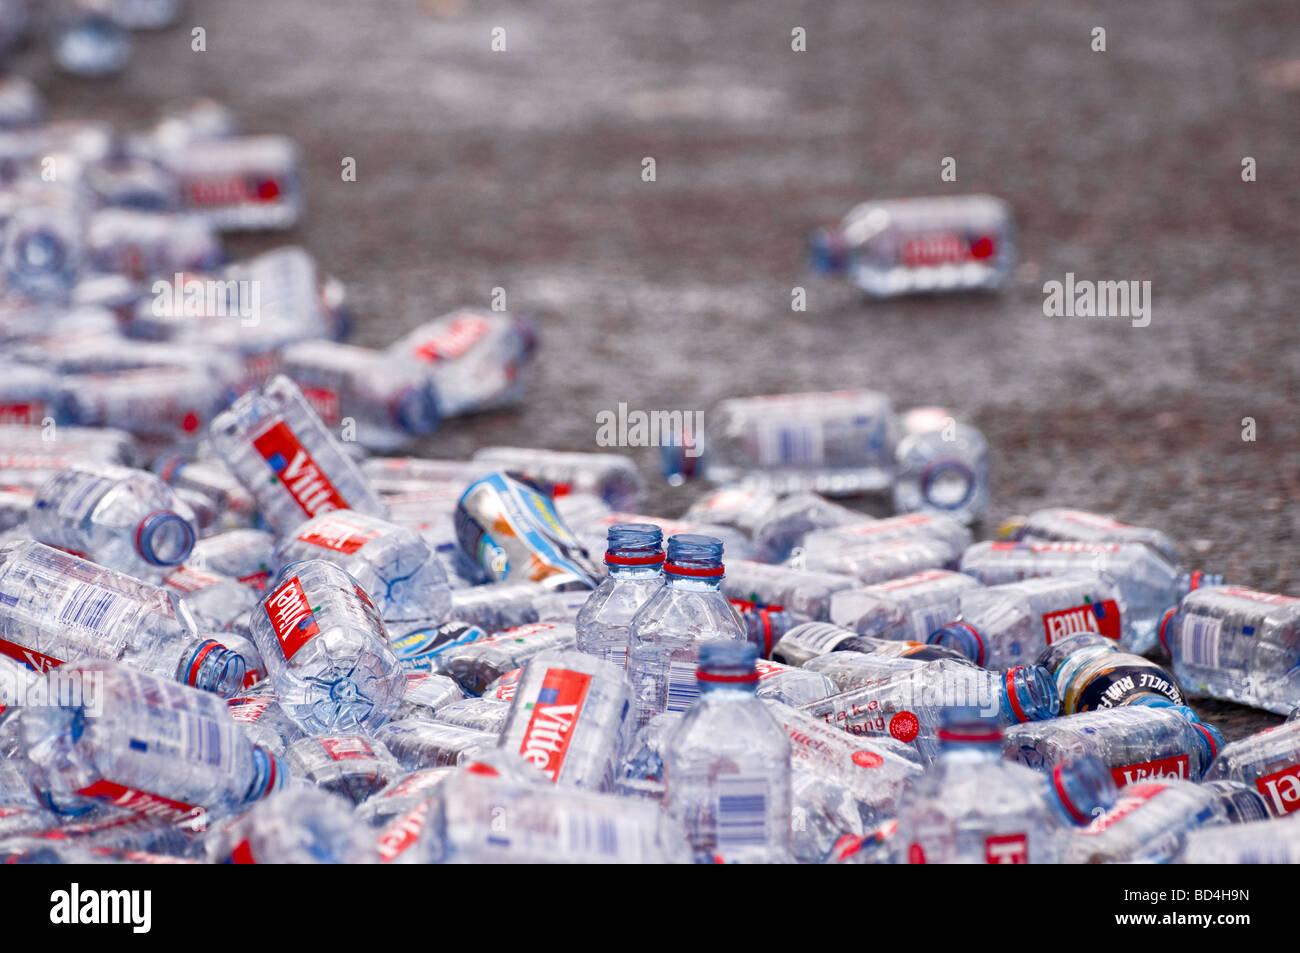 Les bouteilles d'eau minérale jetés après le Marathon de Londres Photo Stock